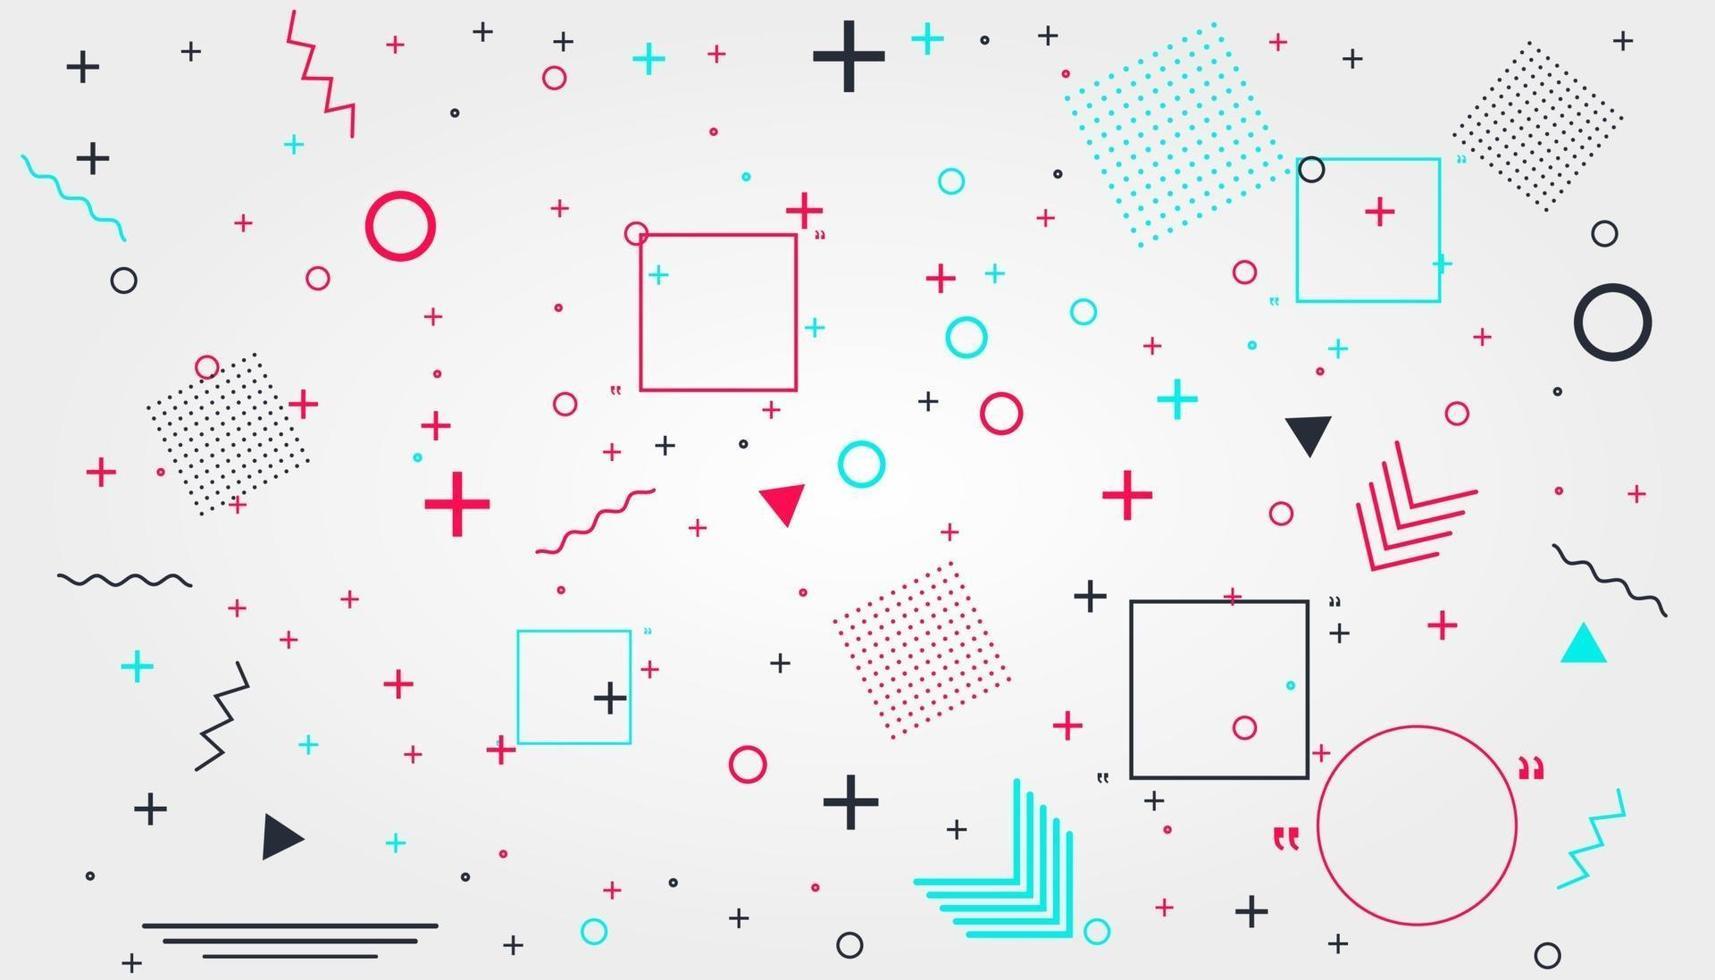 memphis kaart met geometrische vormen. luxe modeontwerp, jaren 80 en 90. vector